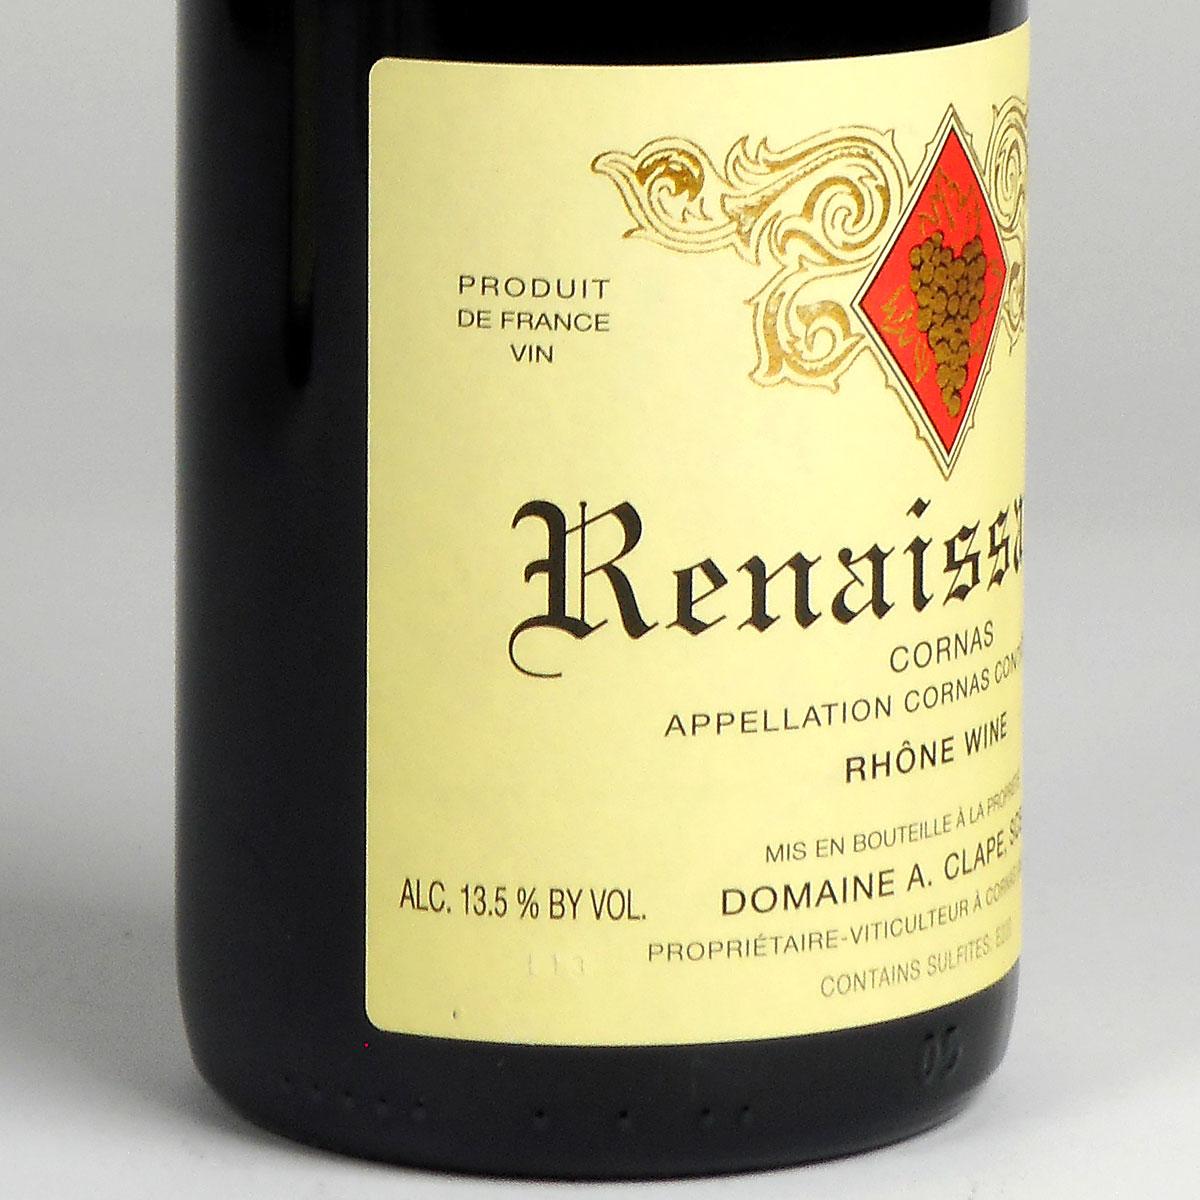 Cornas: Domaine Clape 'Renaissance' 2016 - Bottle Side Label